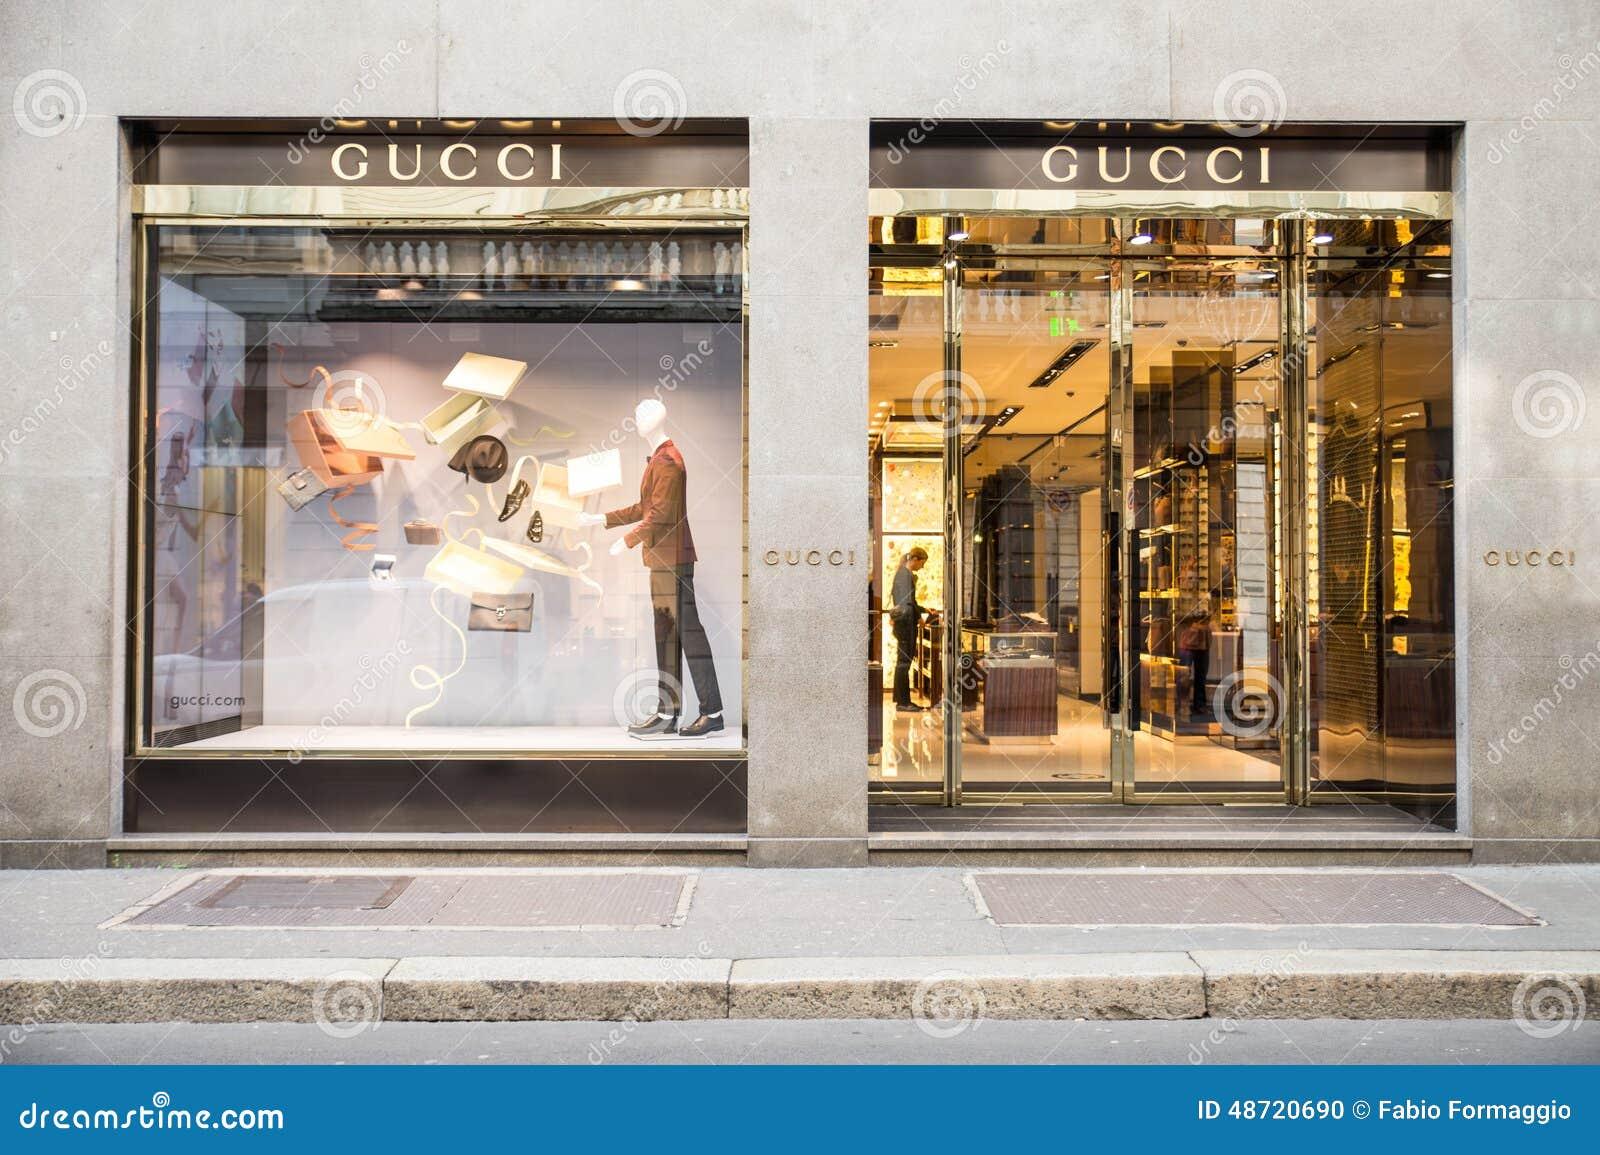 de90ed1615f Gucci boutique editorial image. Image of female